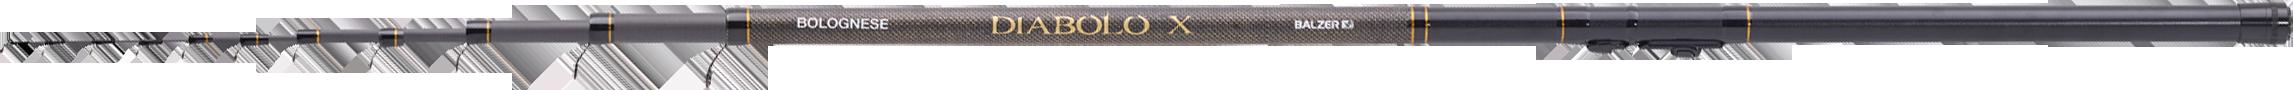 Diabolo X Bolognese